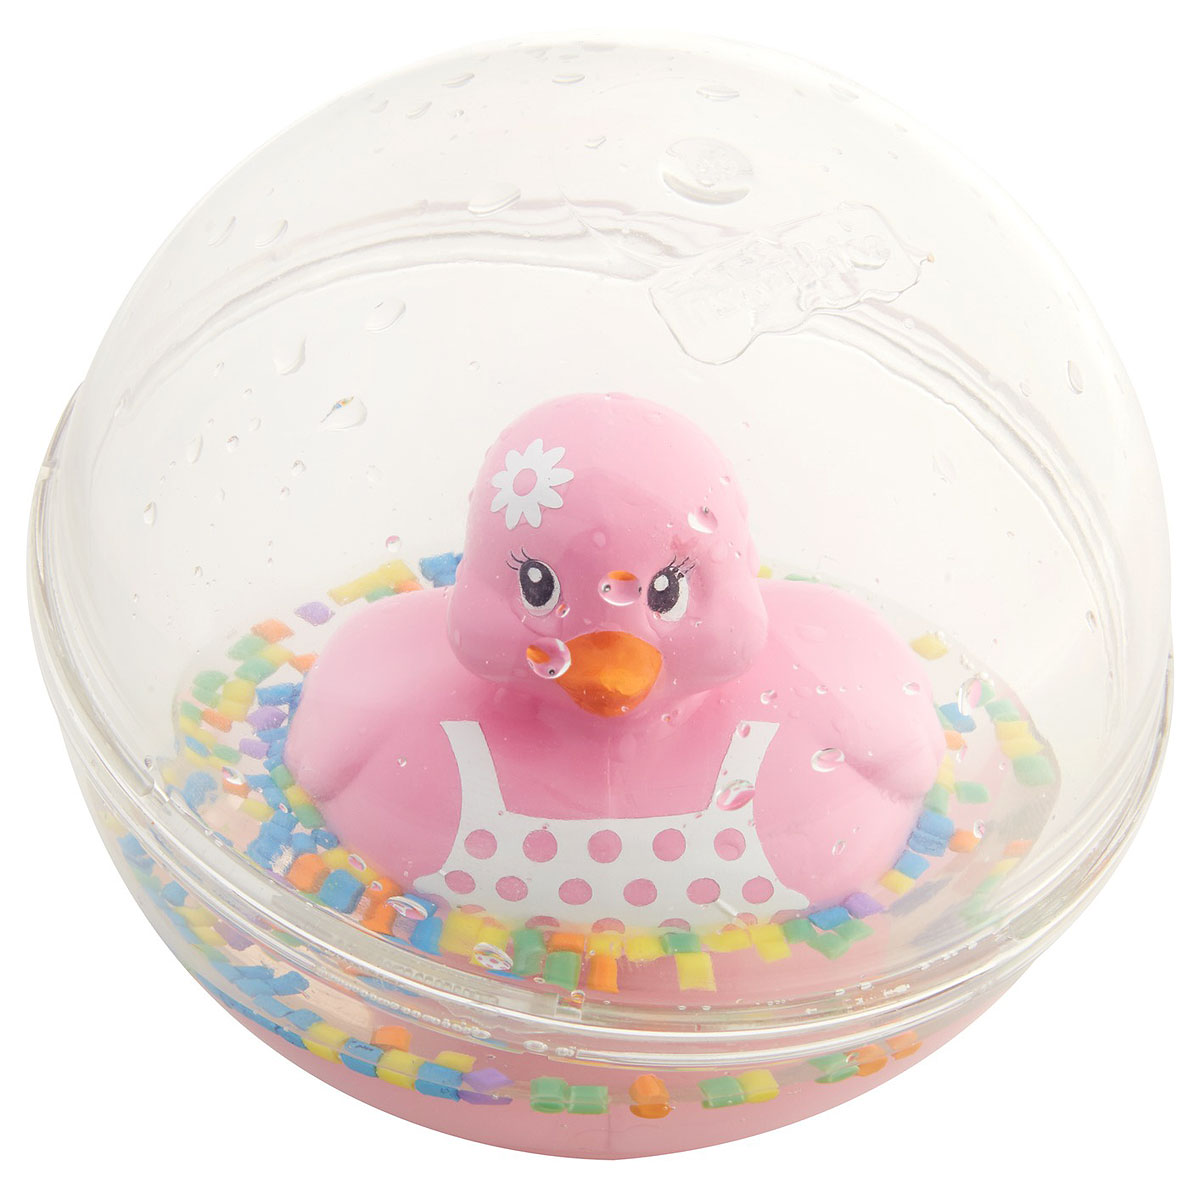 Fisher-Price Развивающая игрушка Уточка цвет розовый fisher price fisher розовый кролик многофункциональный портативный качалка drd28